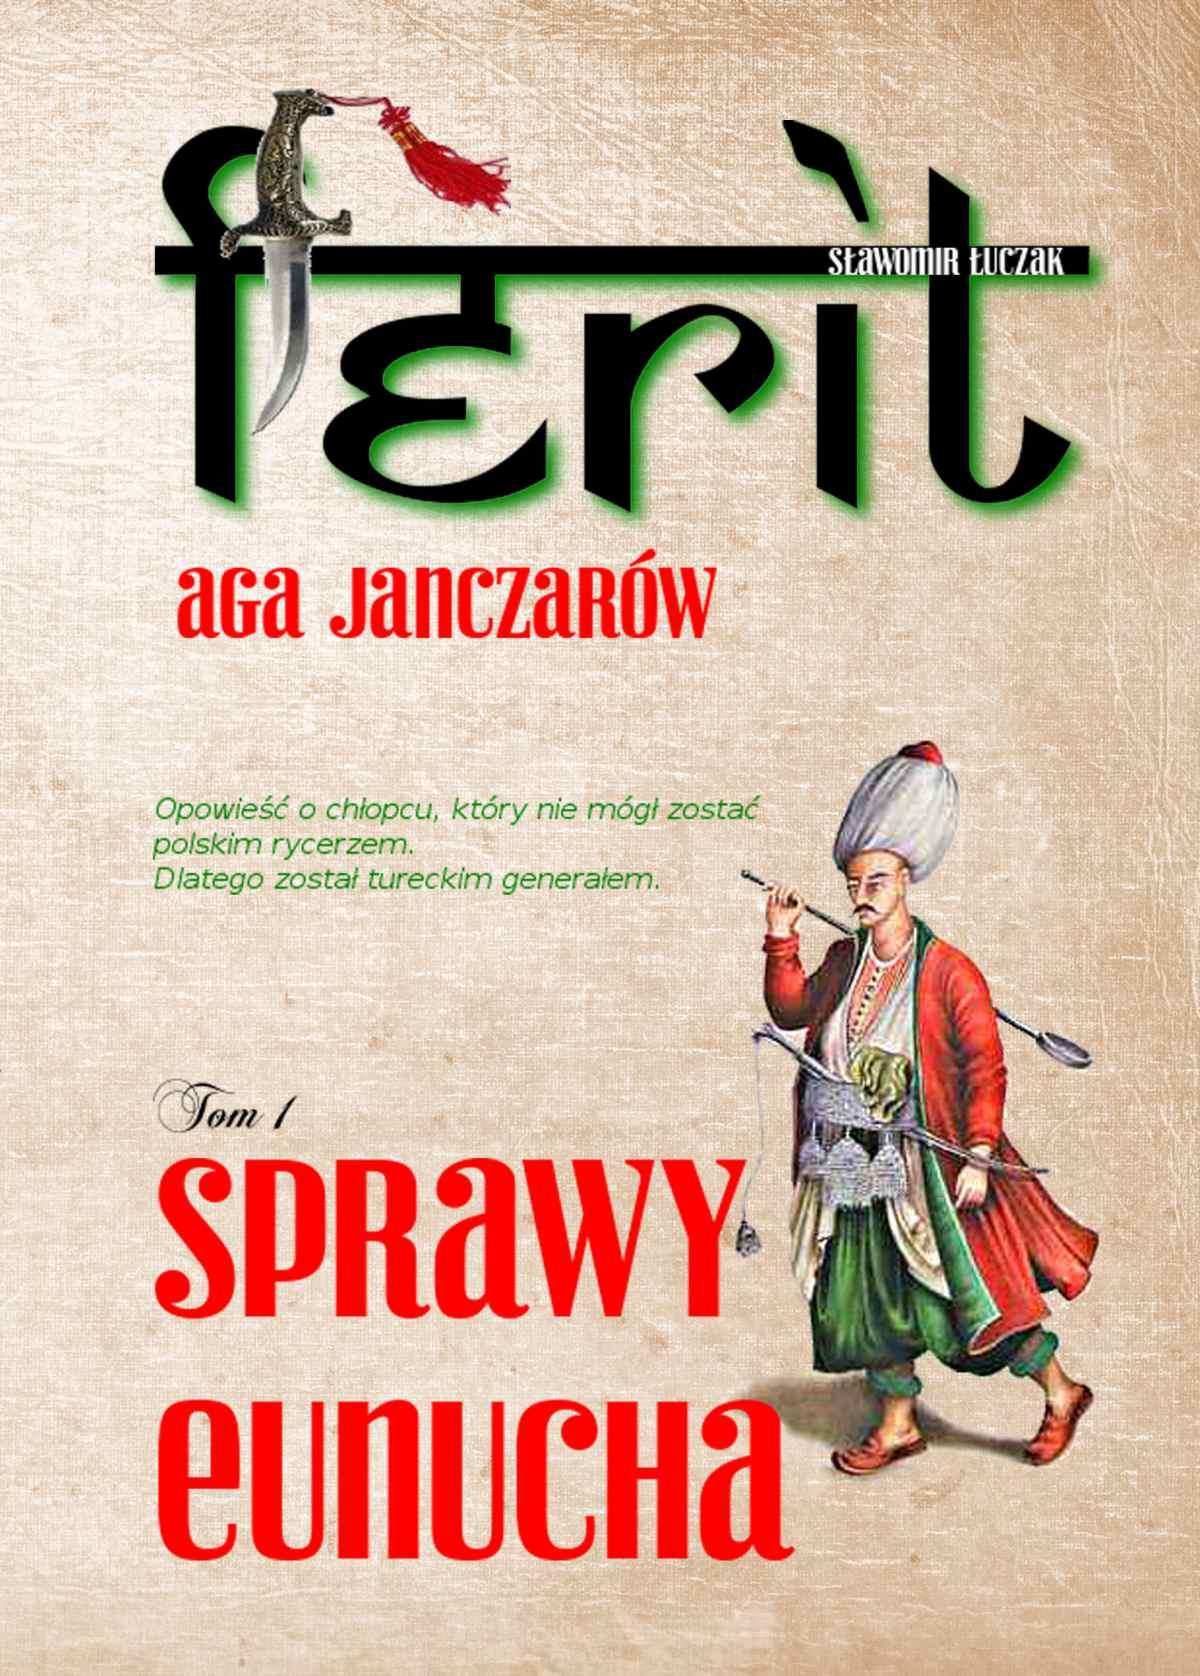 Ferit. Aga janczarów. Tom I. Sprawy eunucha - Ebook (Książka PDF) do pobrania w formacie PDF